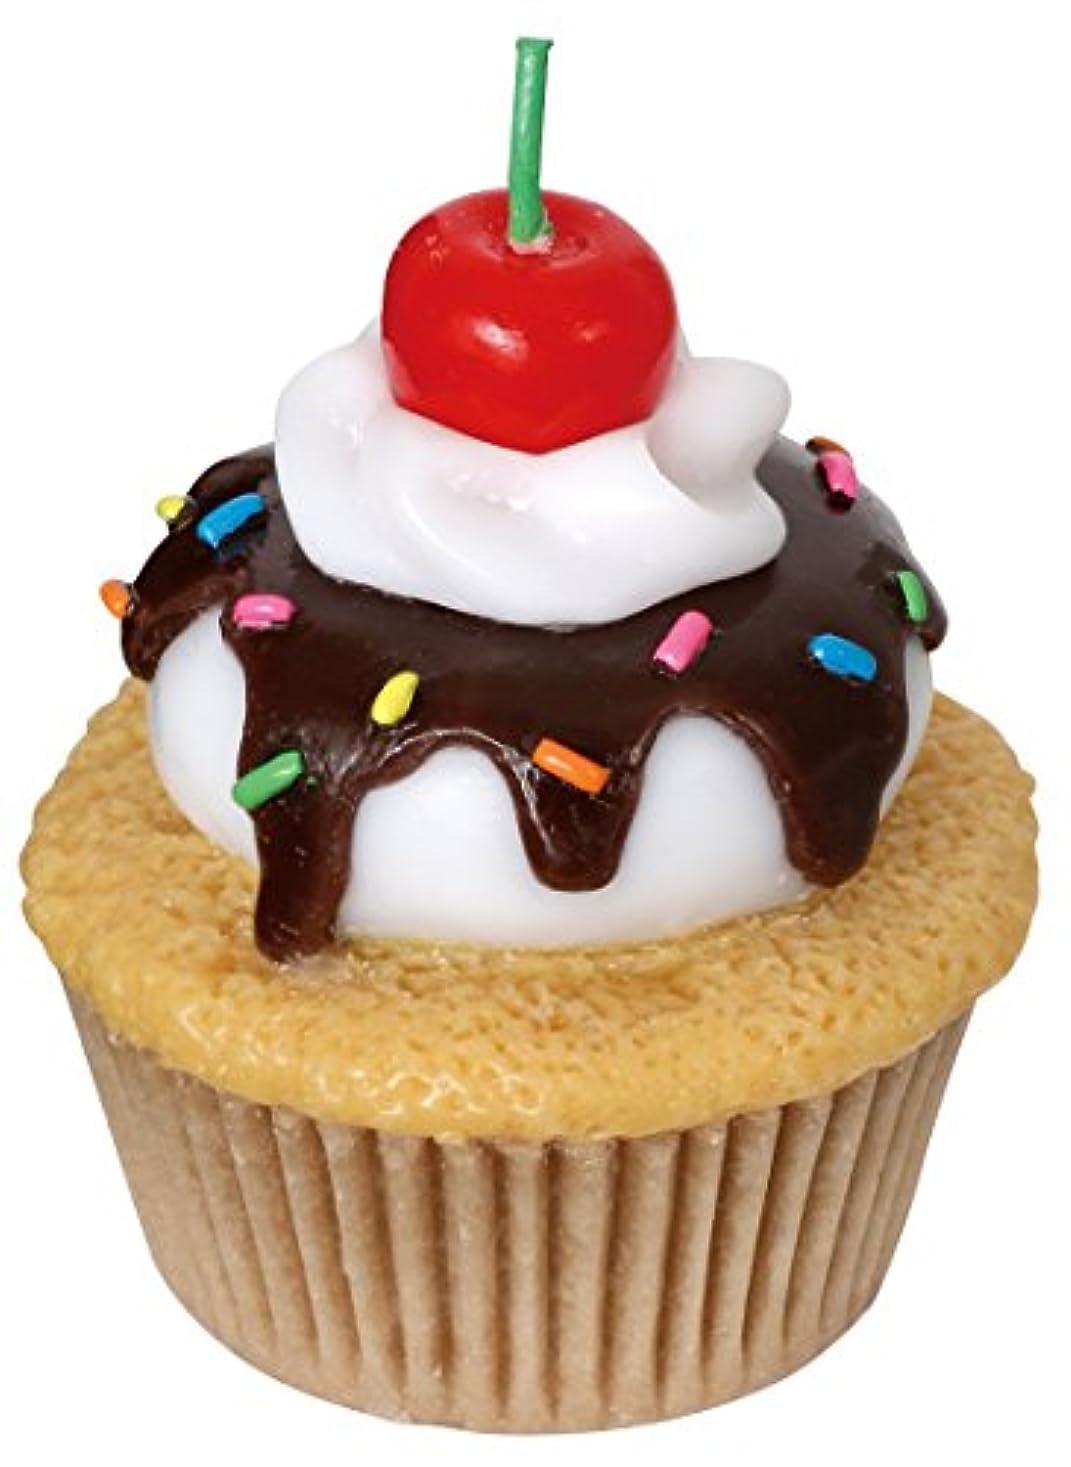 生むあなたは論争カメヤマキャンドルハウス アメリカンカップケーキキャンドル チェリーの香りつき